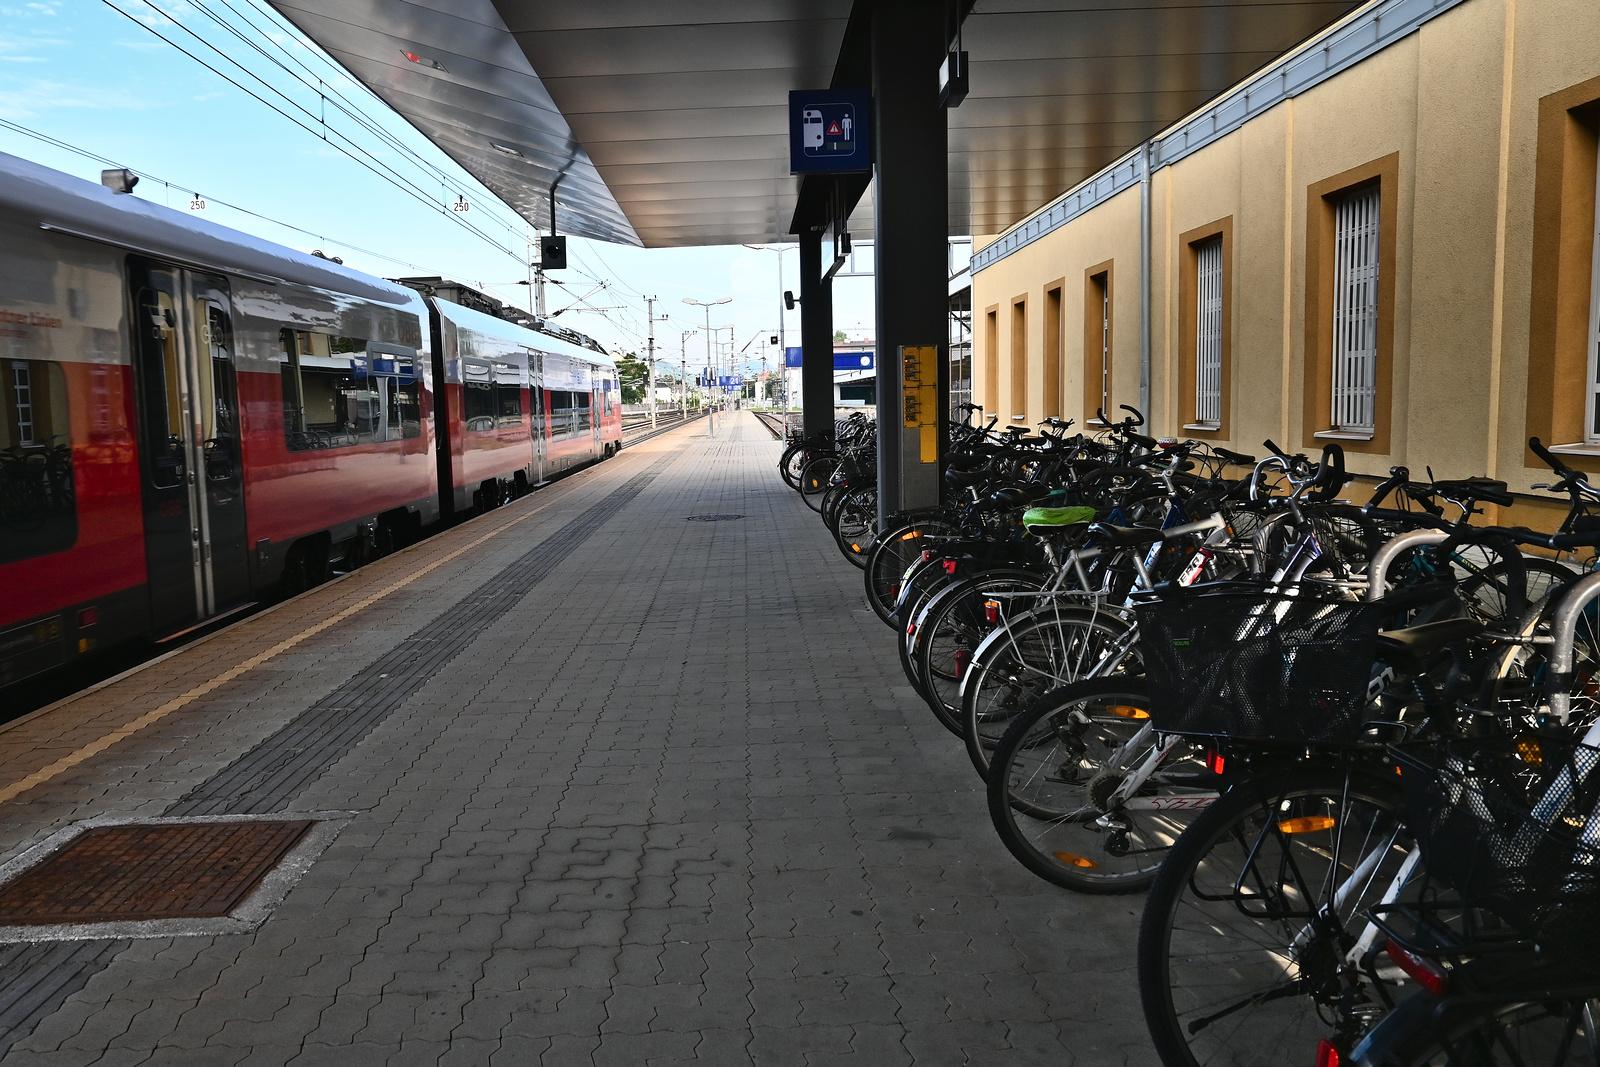 Klagenfurt Hauptbahnhof Bahnsteig 1 West